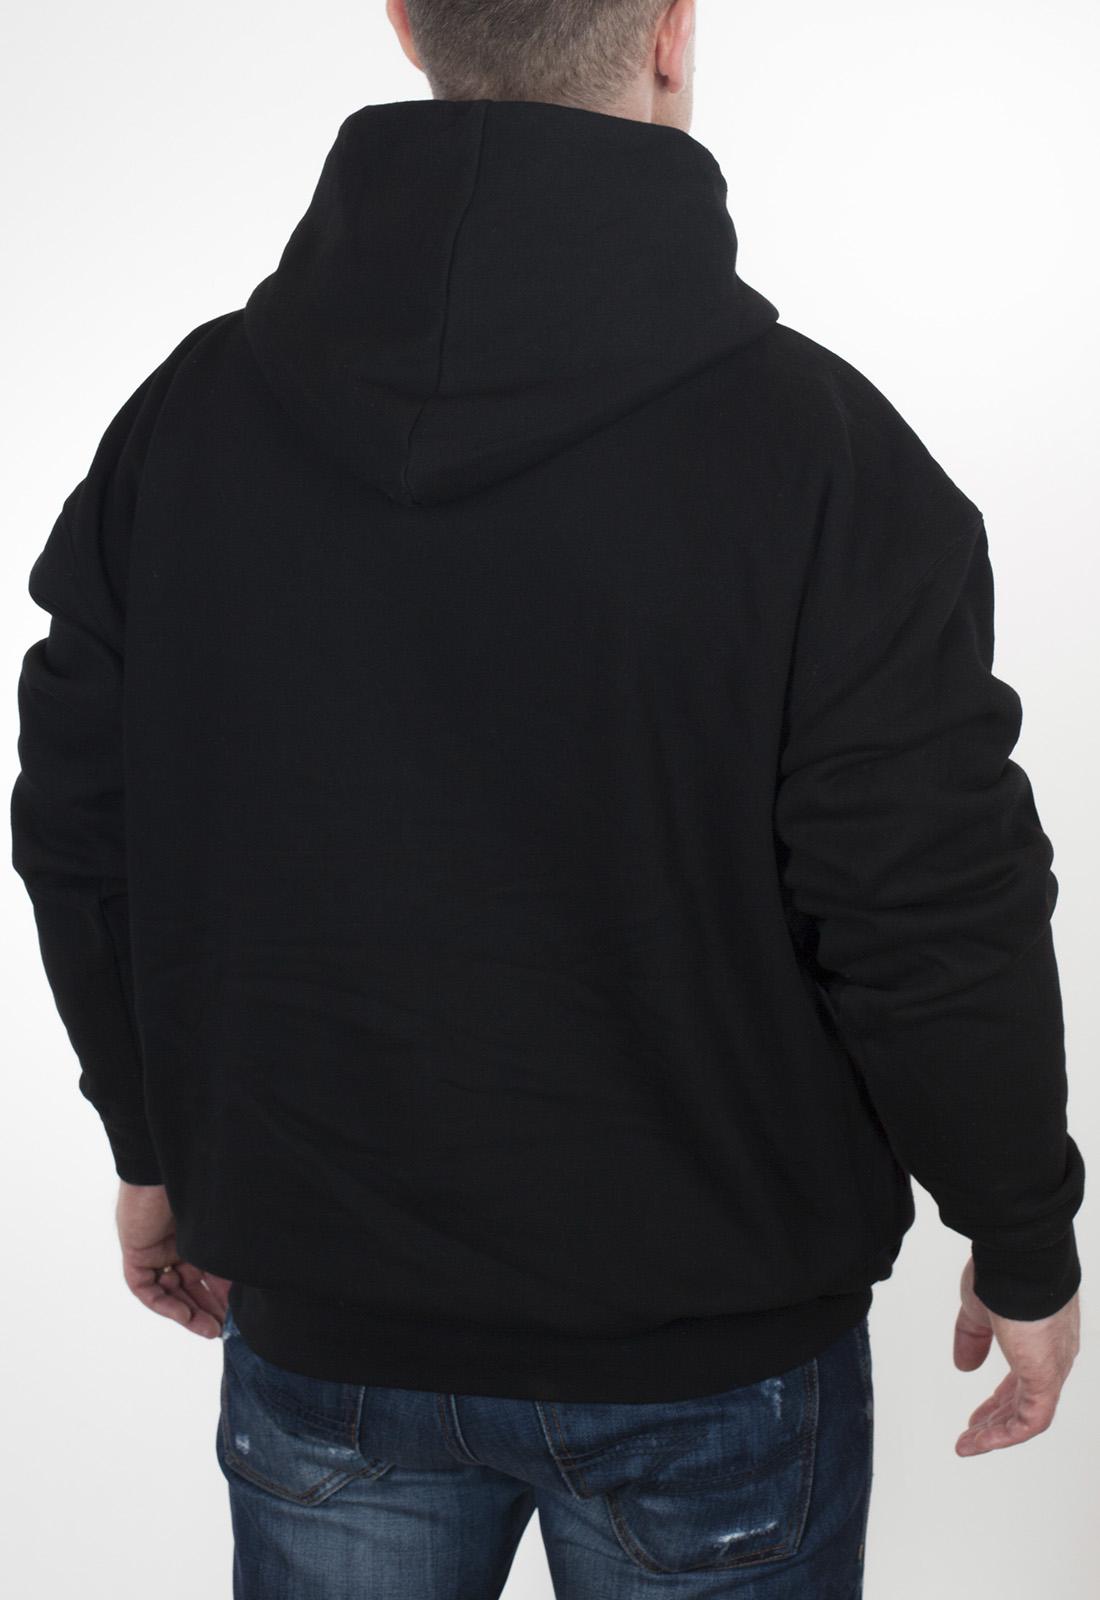 Купить в интернет магазине черную мужскую толстовку с капюшоном